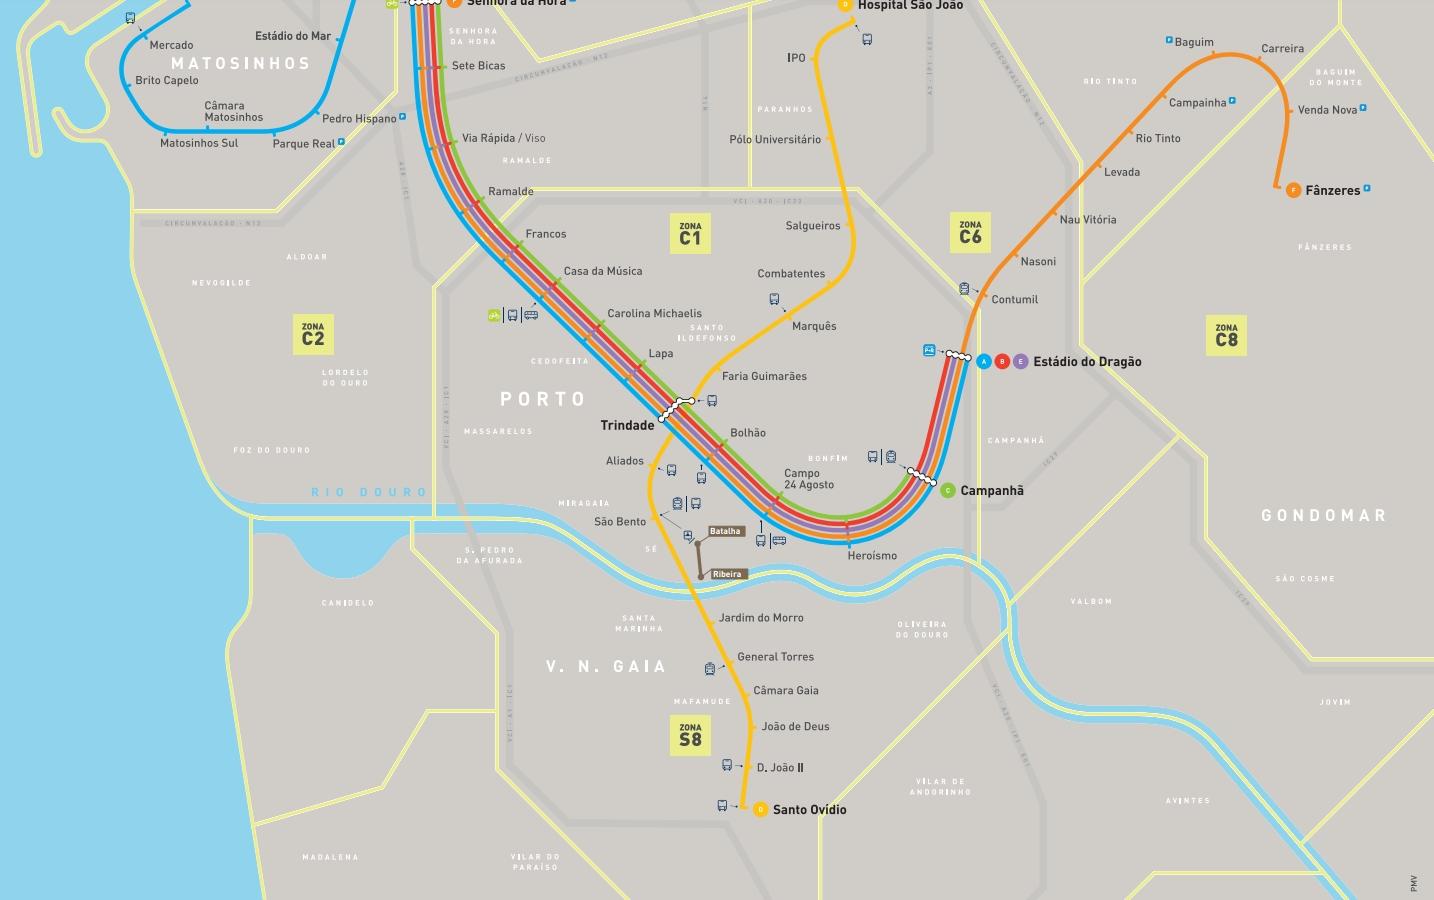 ポルトメトロ路線図